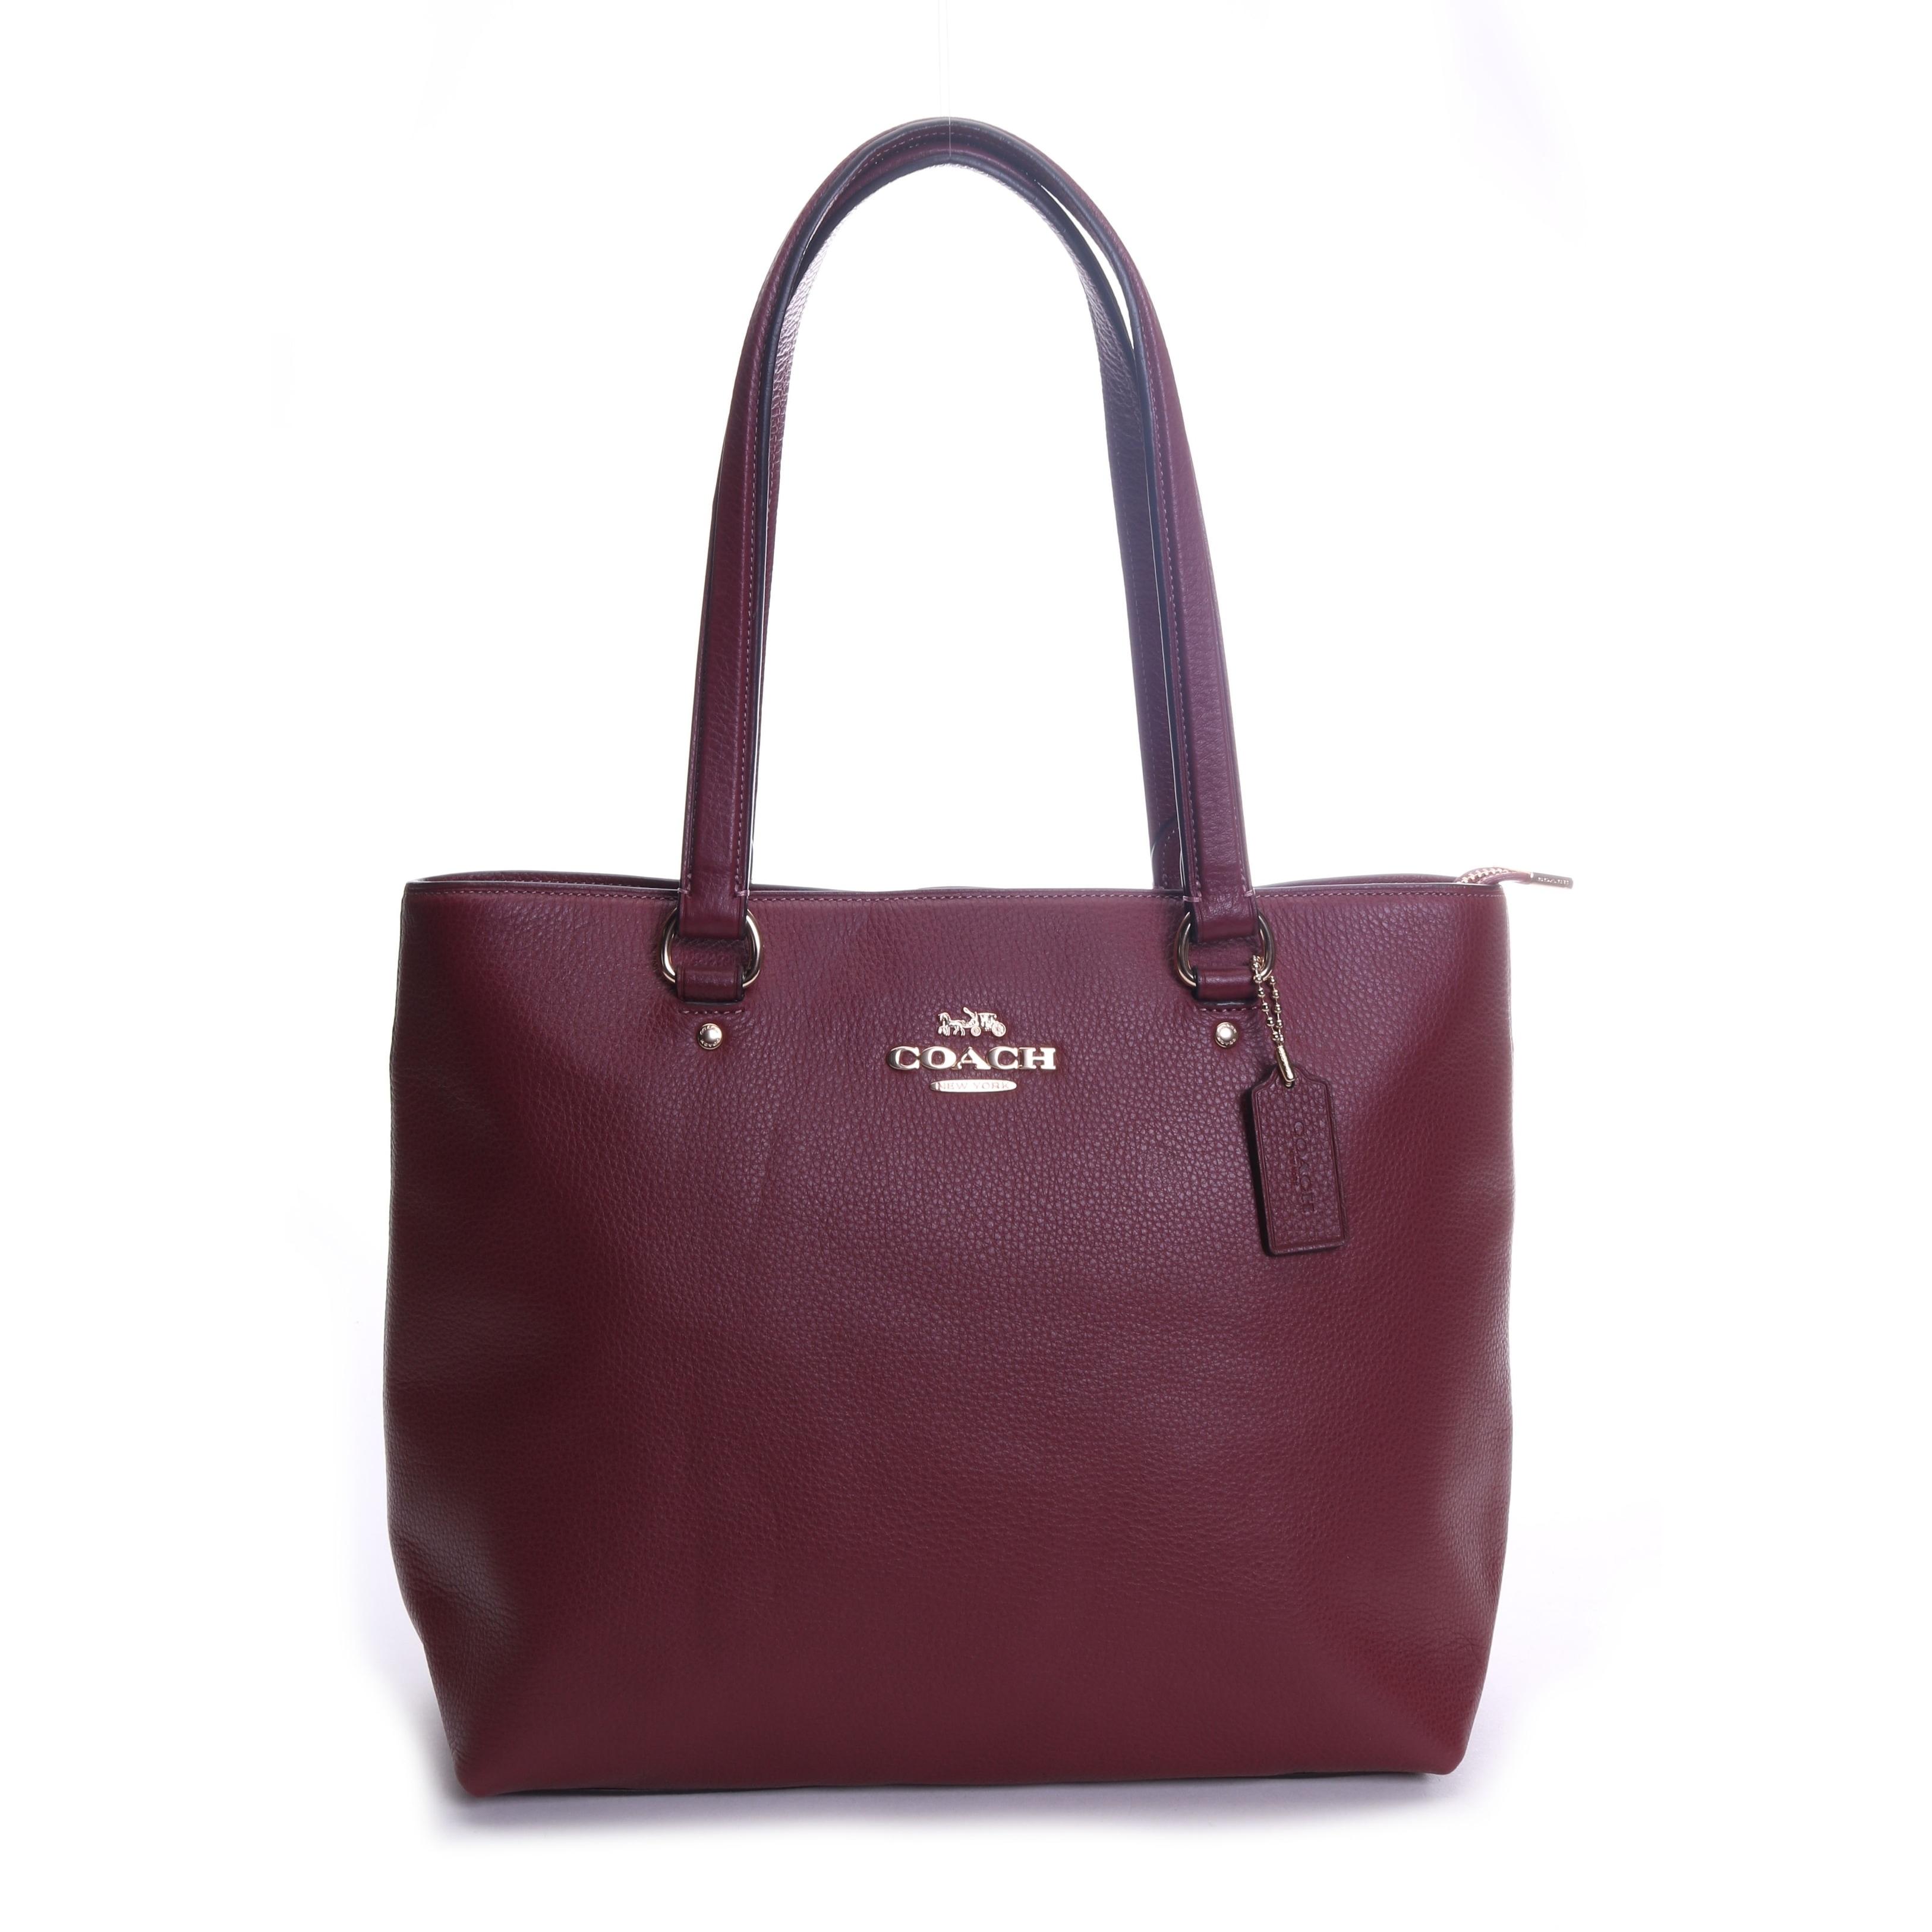 c459548ca75 Coach Handbags   Shop our Best Clothing & Shoes Deals Online at ...